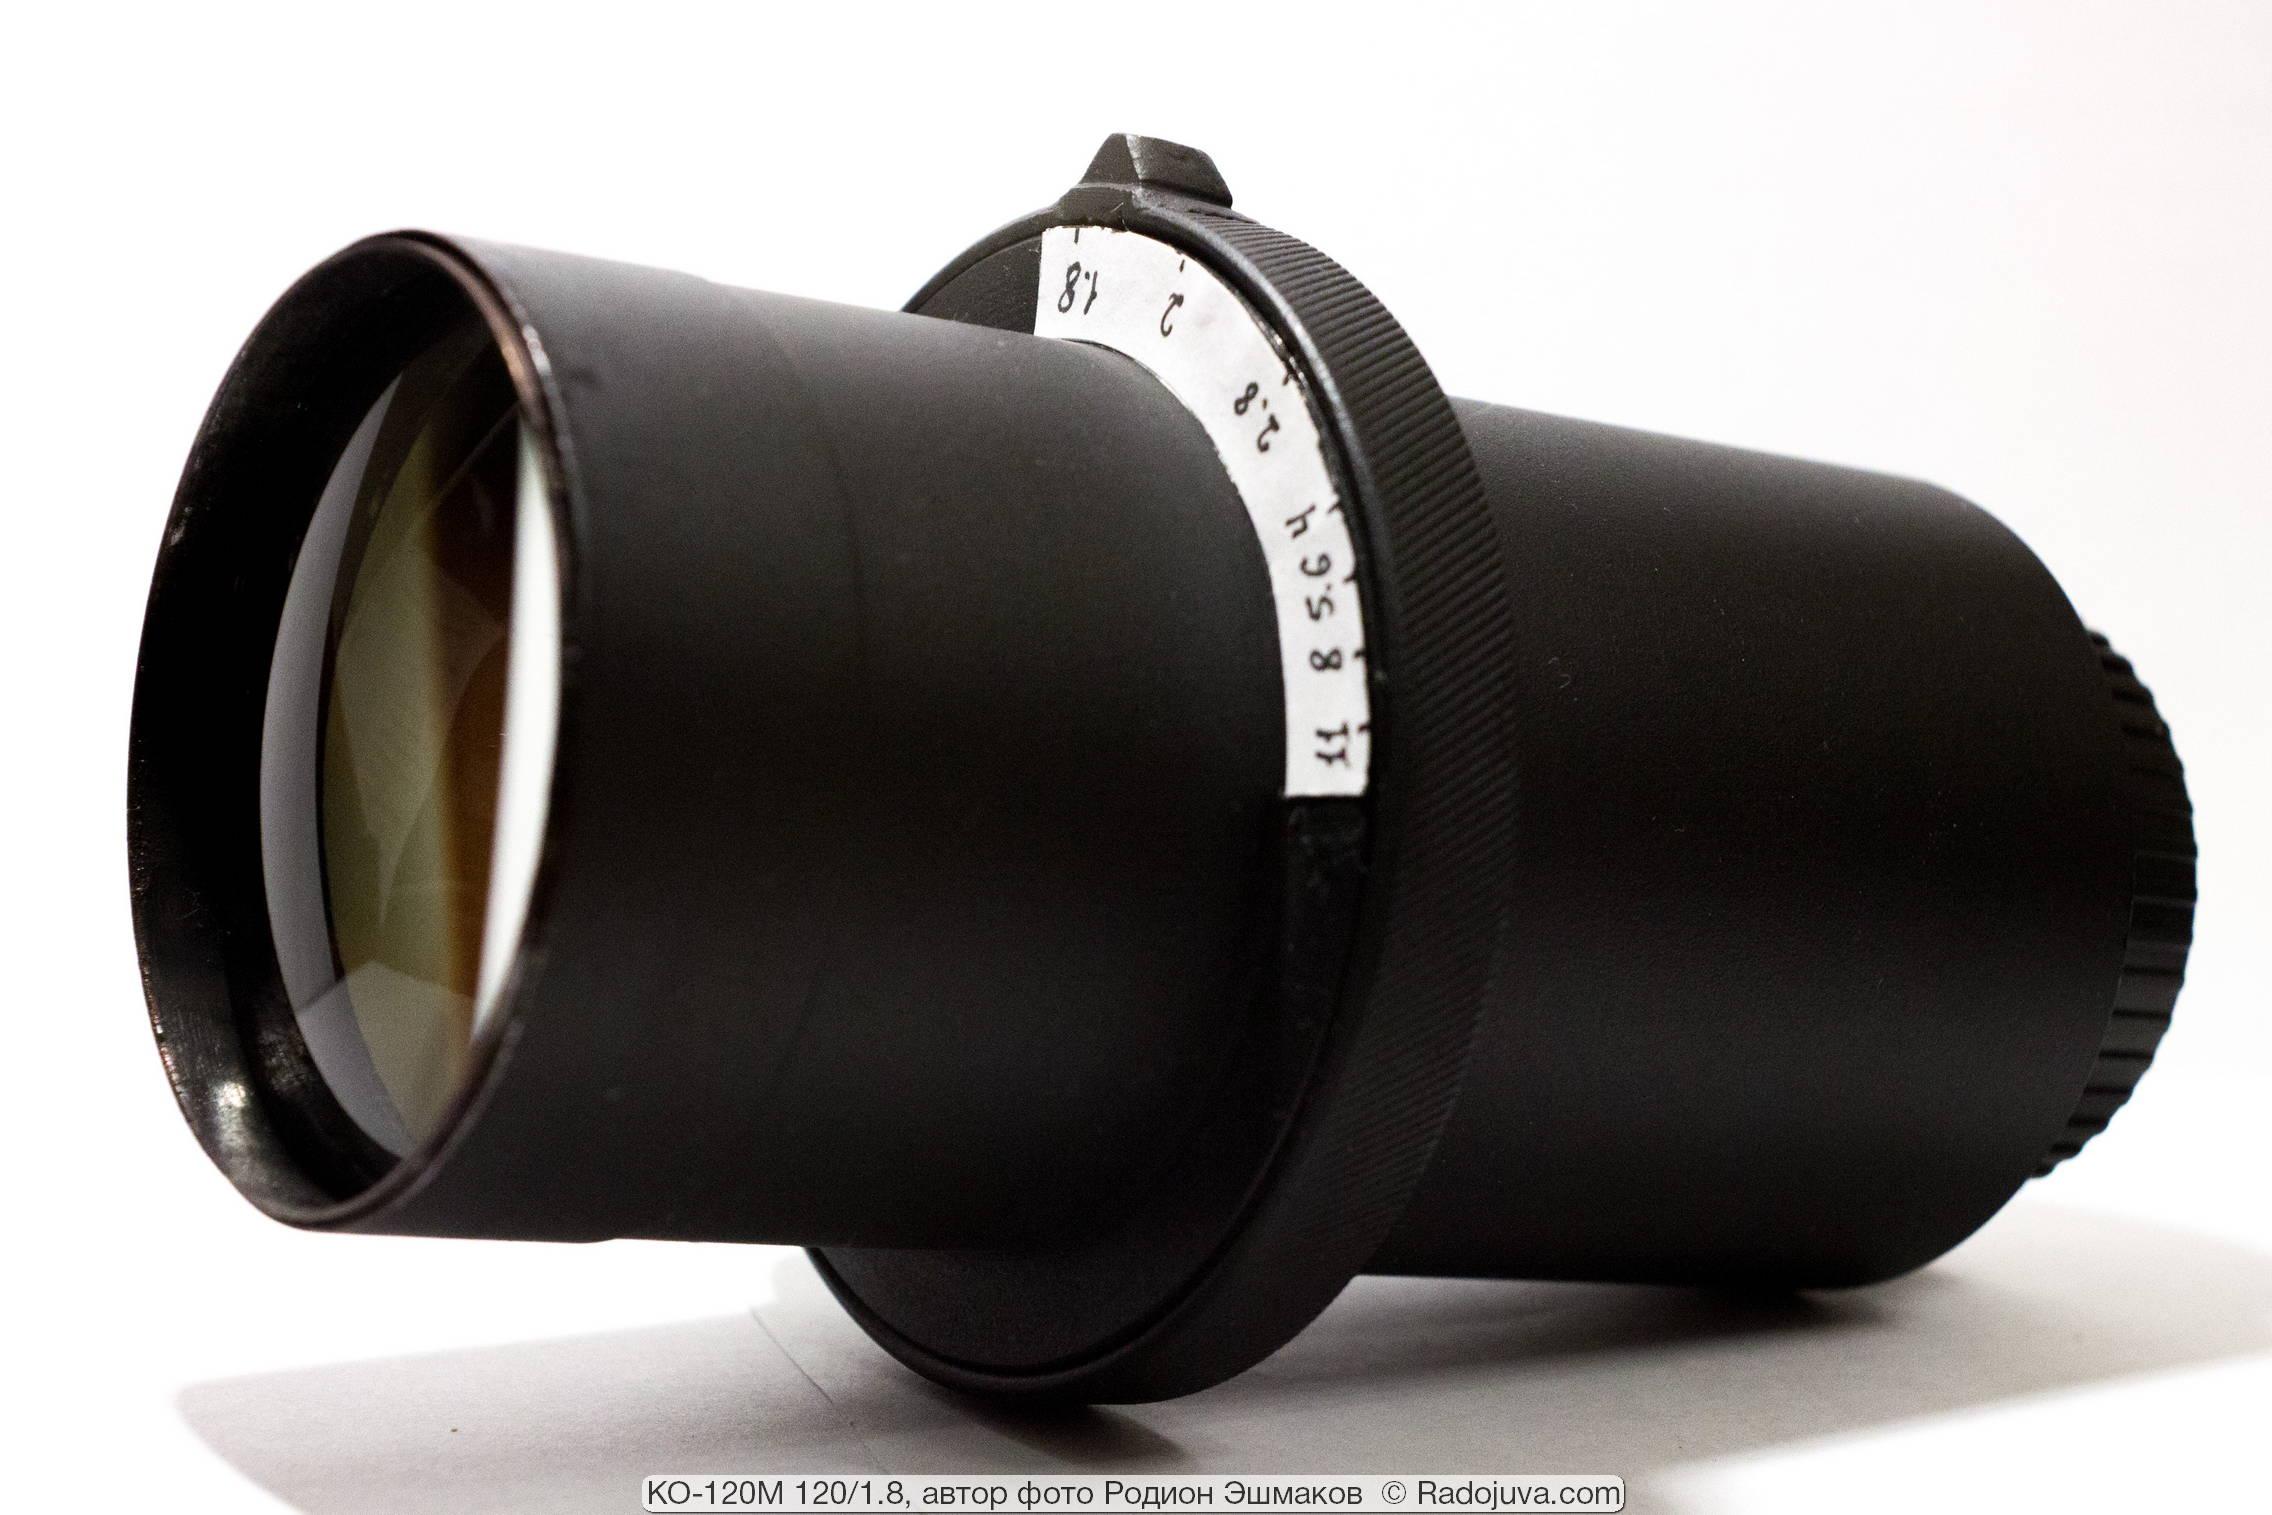 Характерный вид адаптированного апланата с утолщением на корпусе, в котором размещена многолепестковая диафрагма большого диаметра.